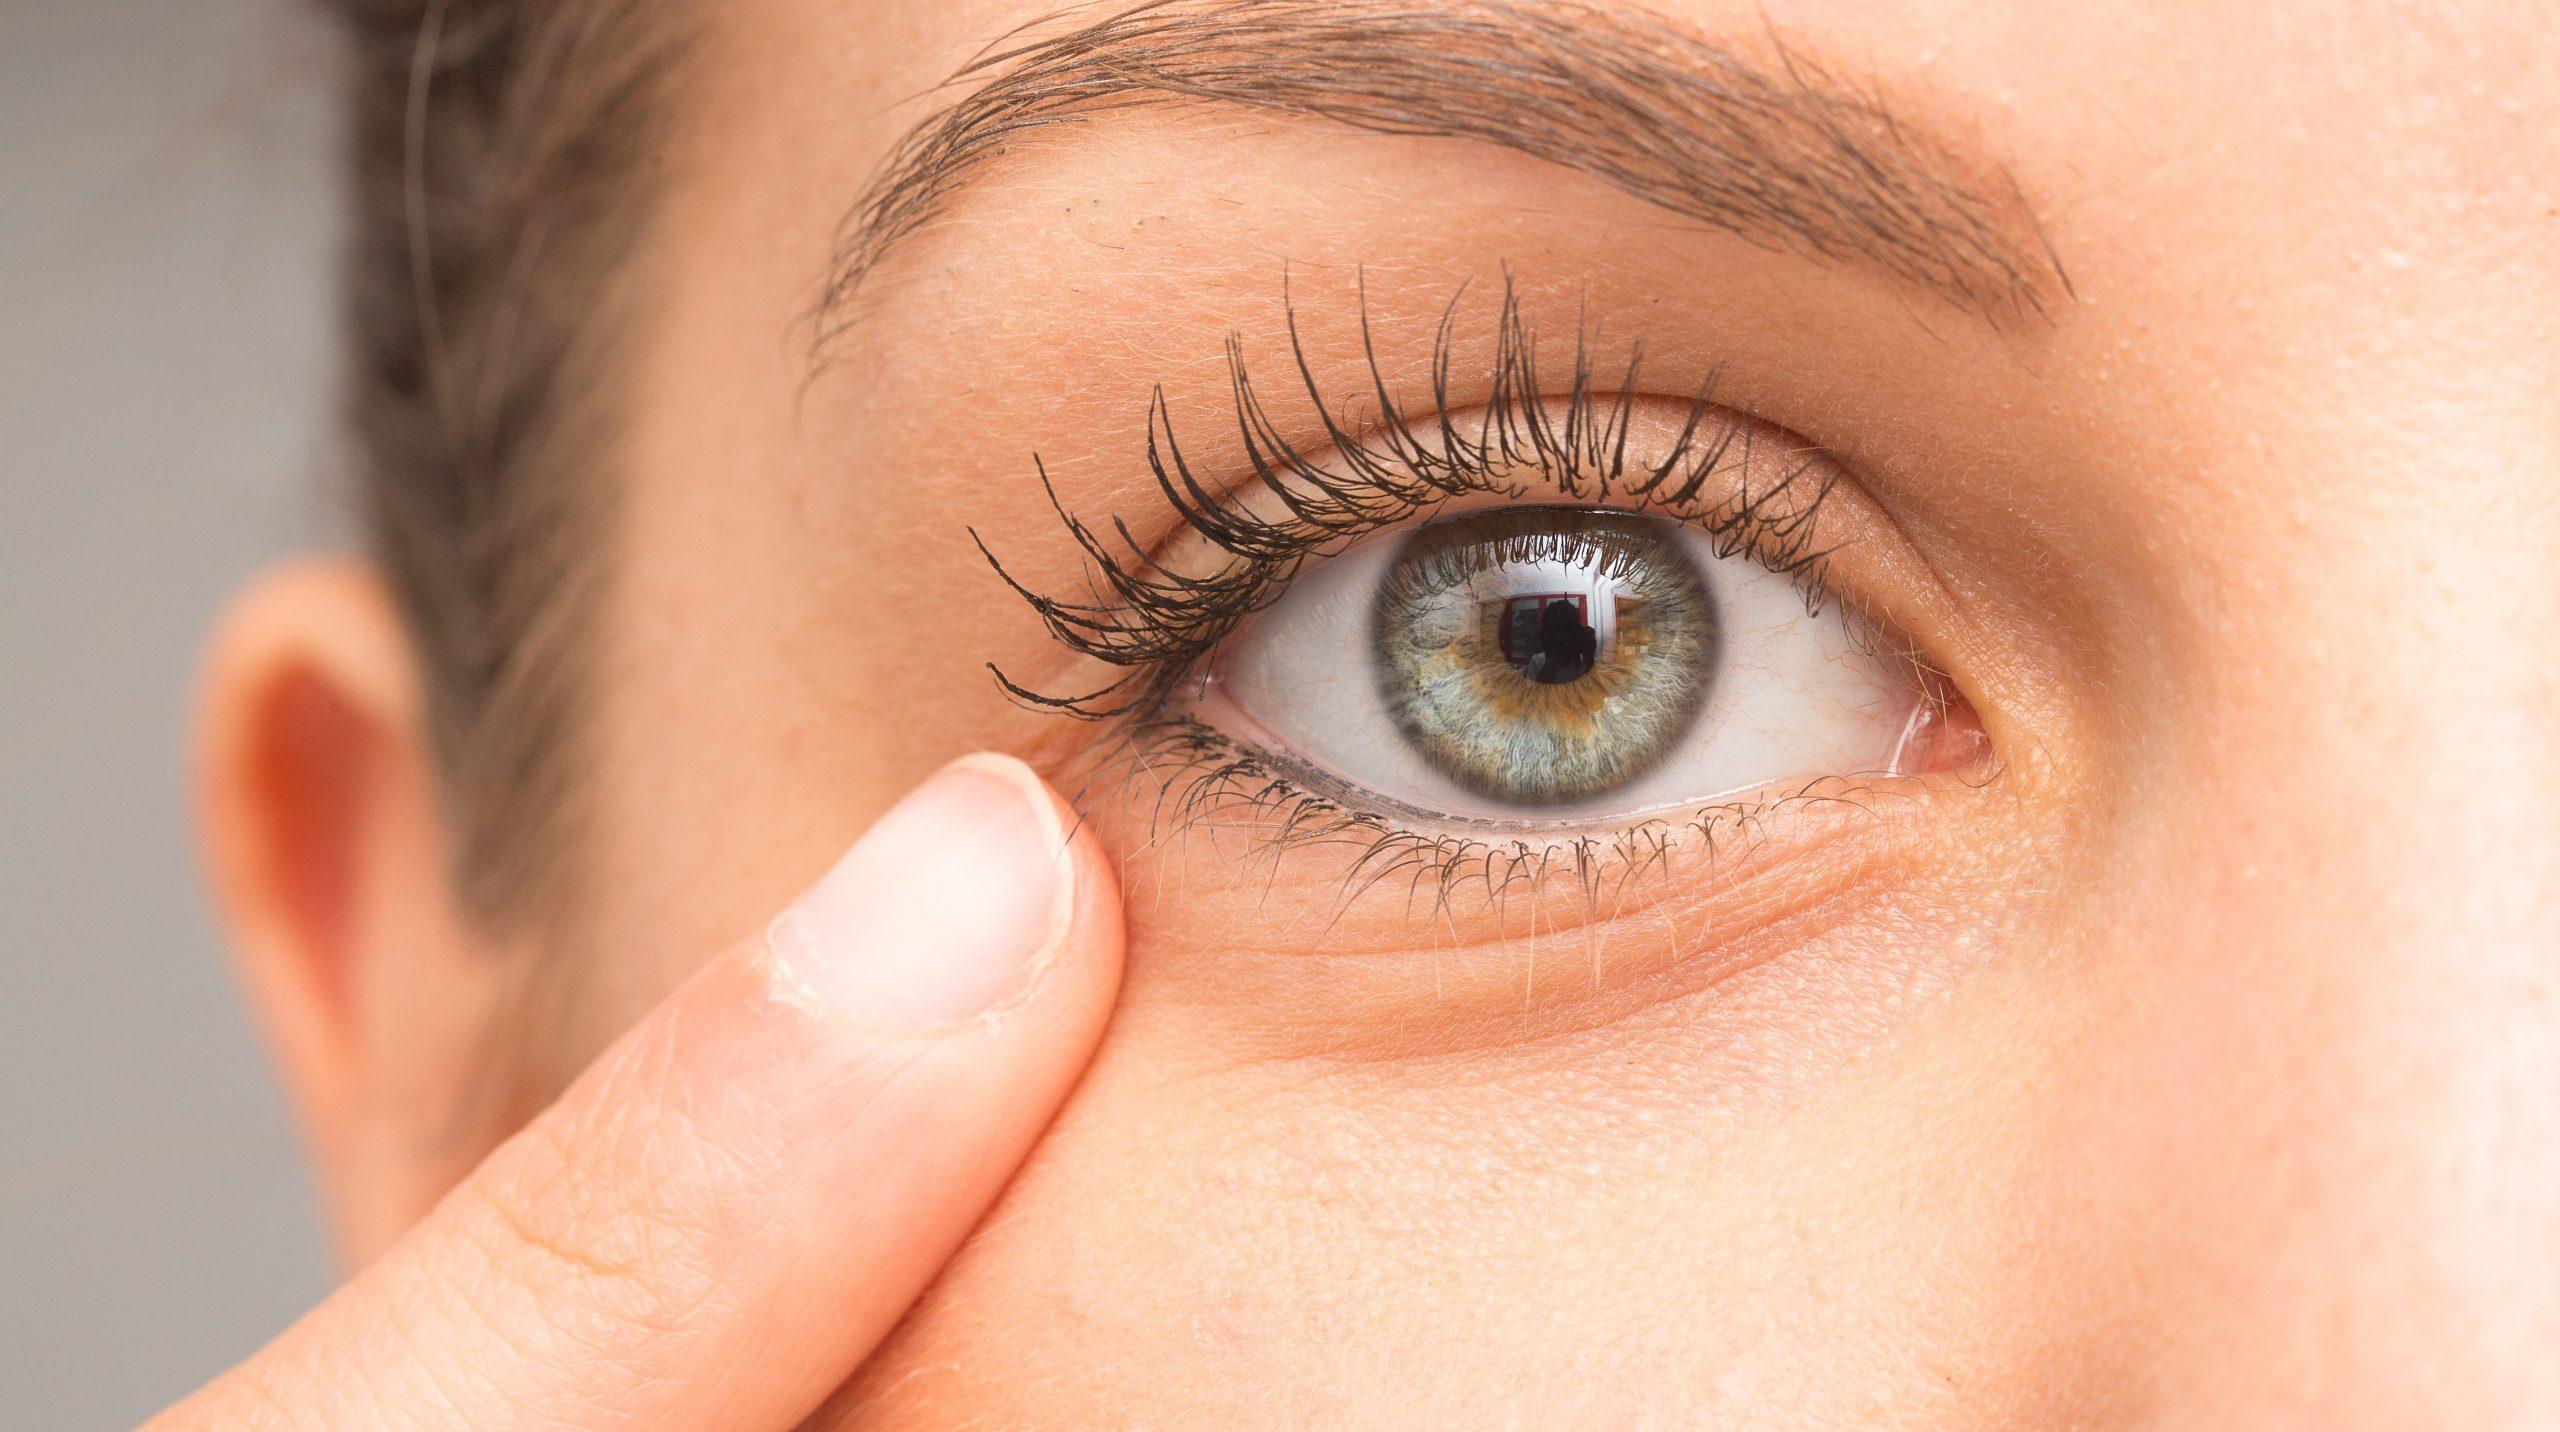 Cuidar la vista y evita enfermedades - CinfaSalud